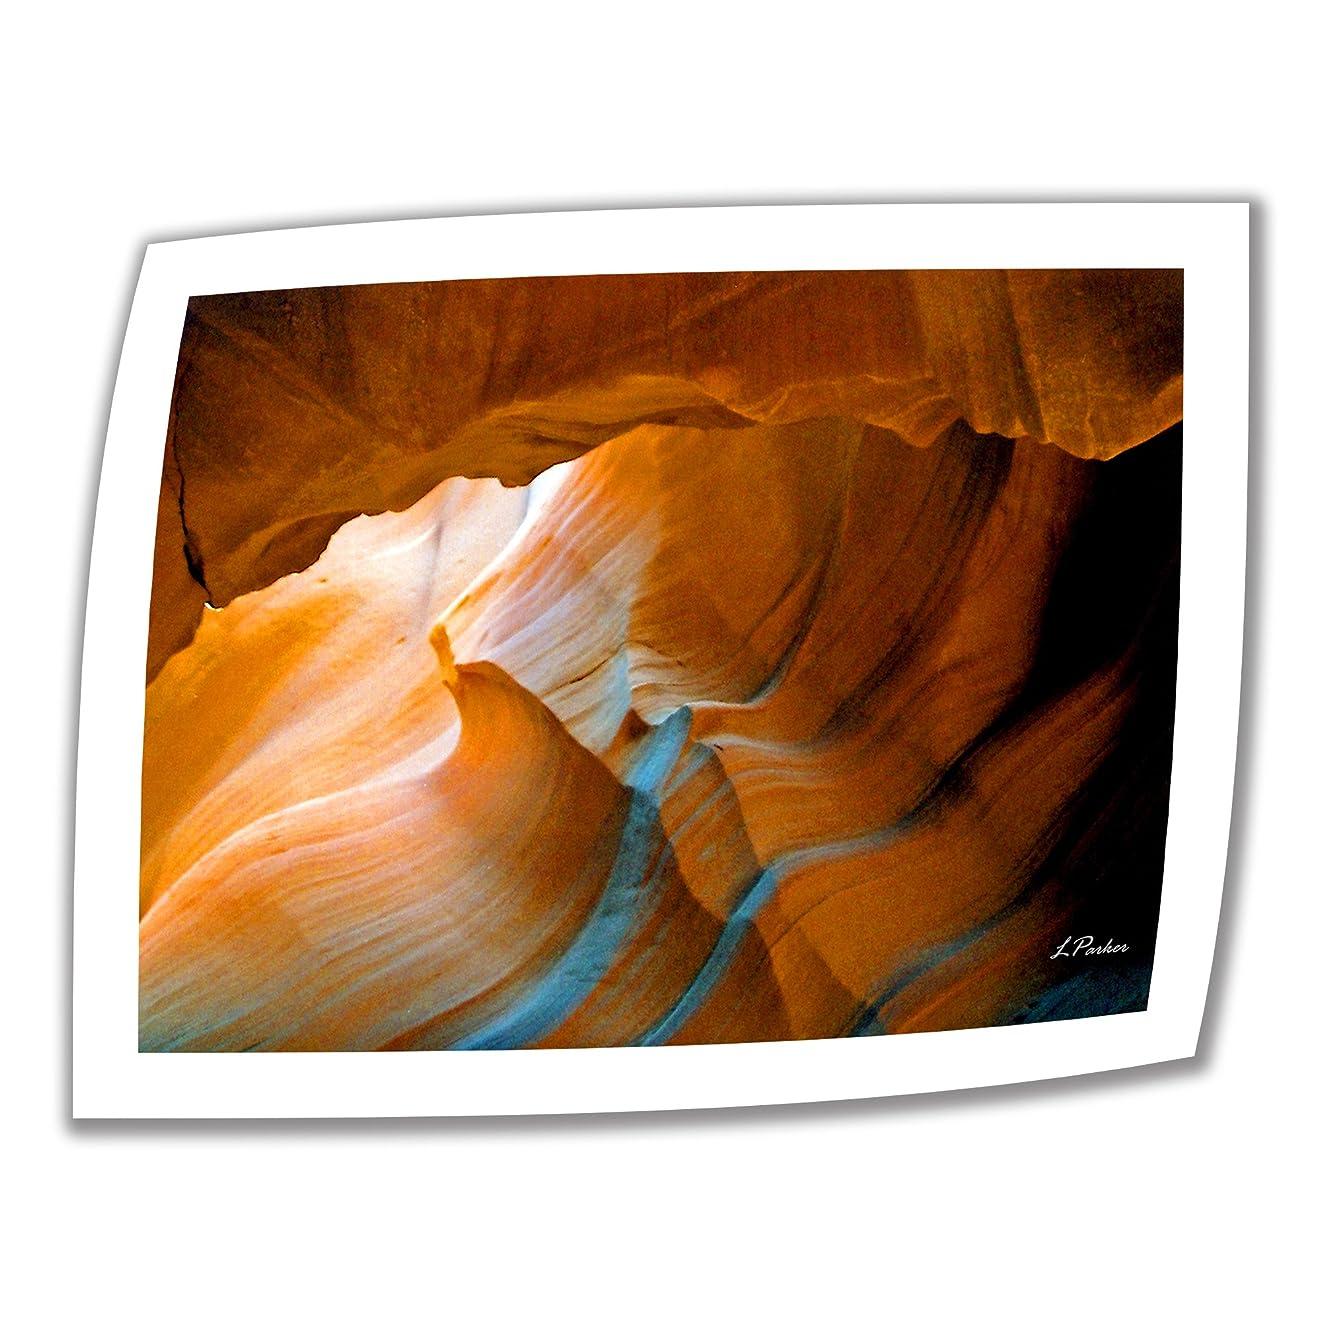 人気の驚きマーティフィールディングArt Wall Slot Canyon V 24 x 32インチ アンラップキャンバスアート リンダ?パーカー作 2インチアクセントボーダー